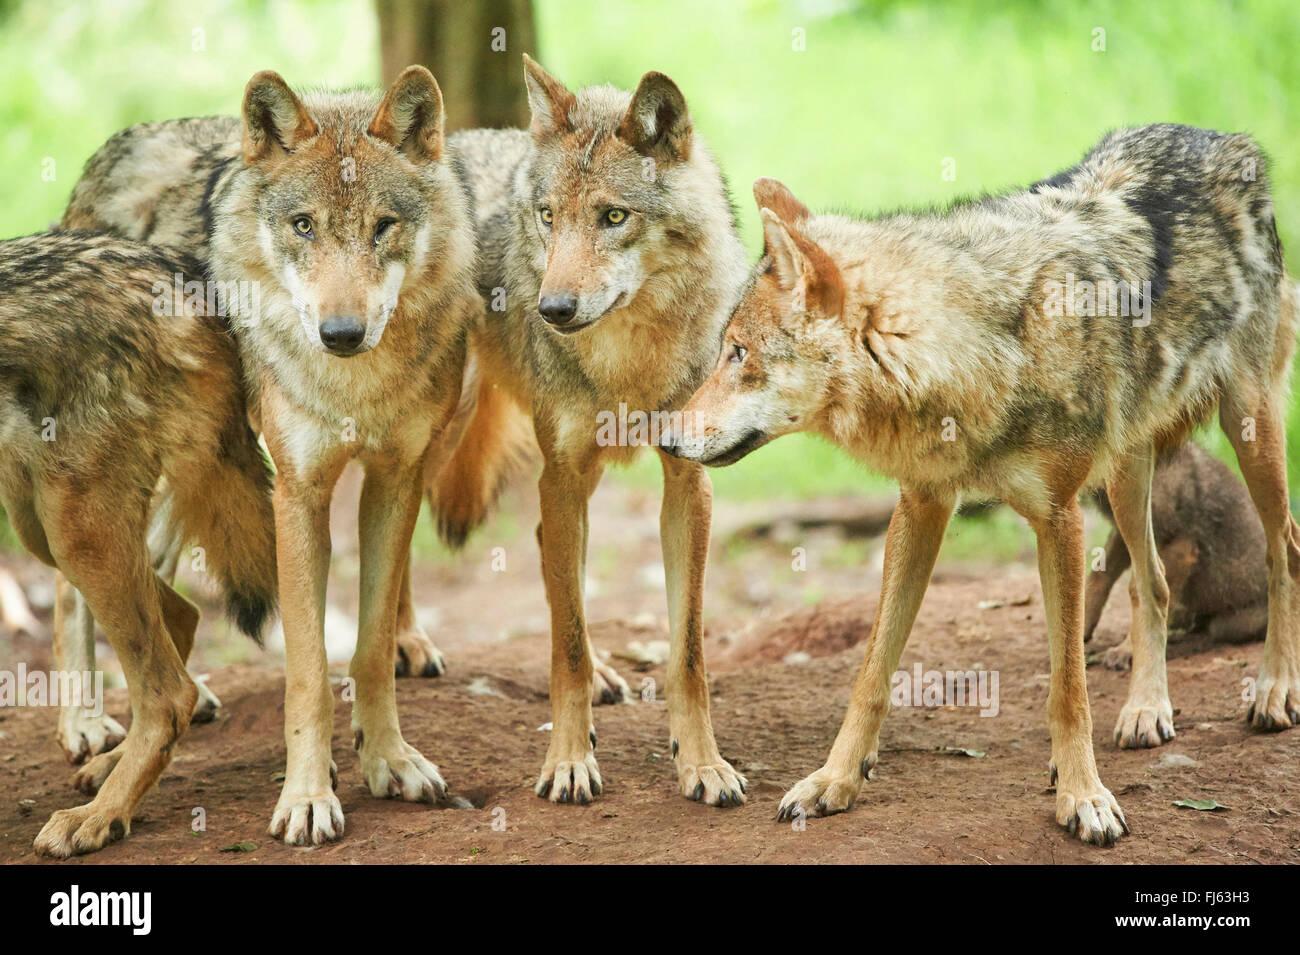 Unione lupo (Canis lupus lupus), i lupi in una foresta, in Germania, in Baviera Immagini Stock